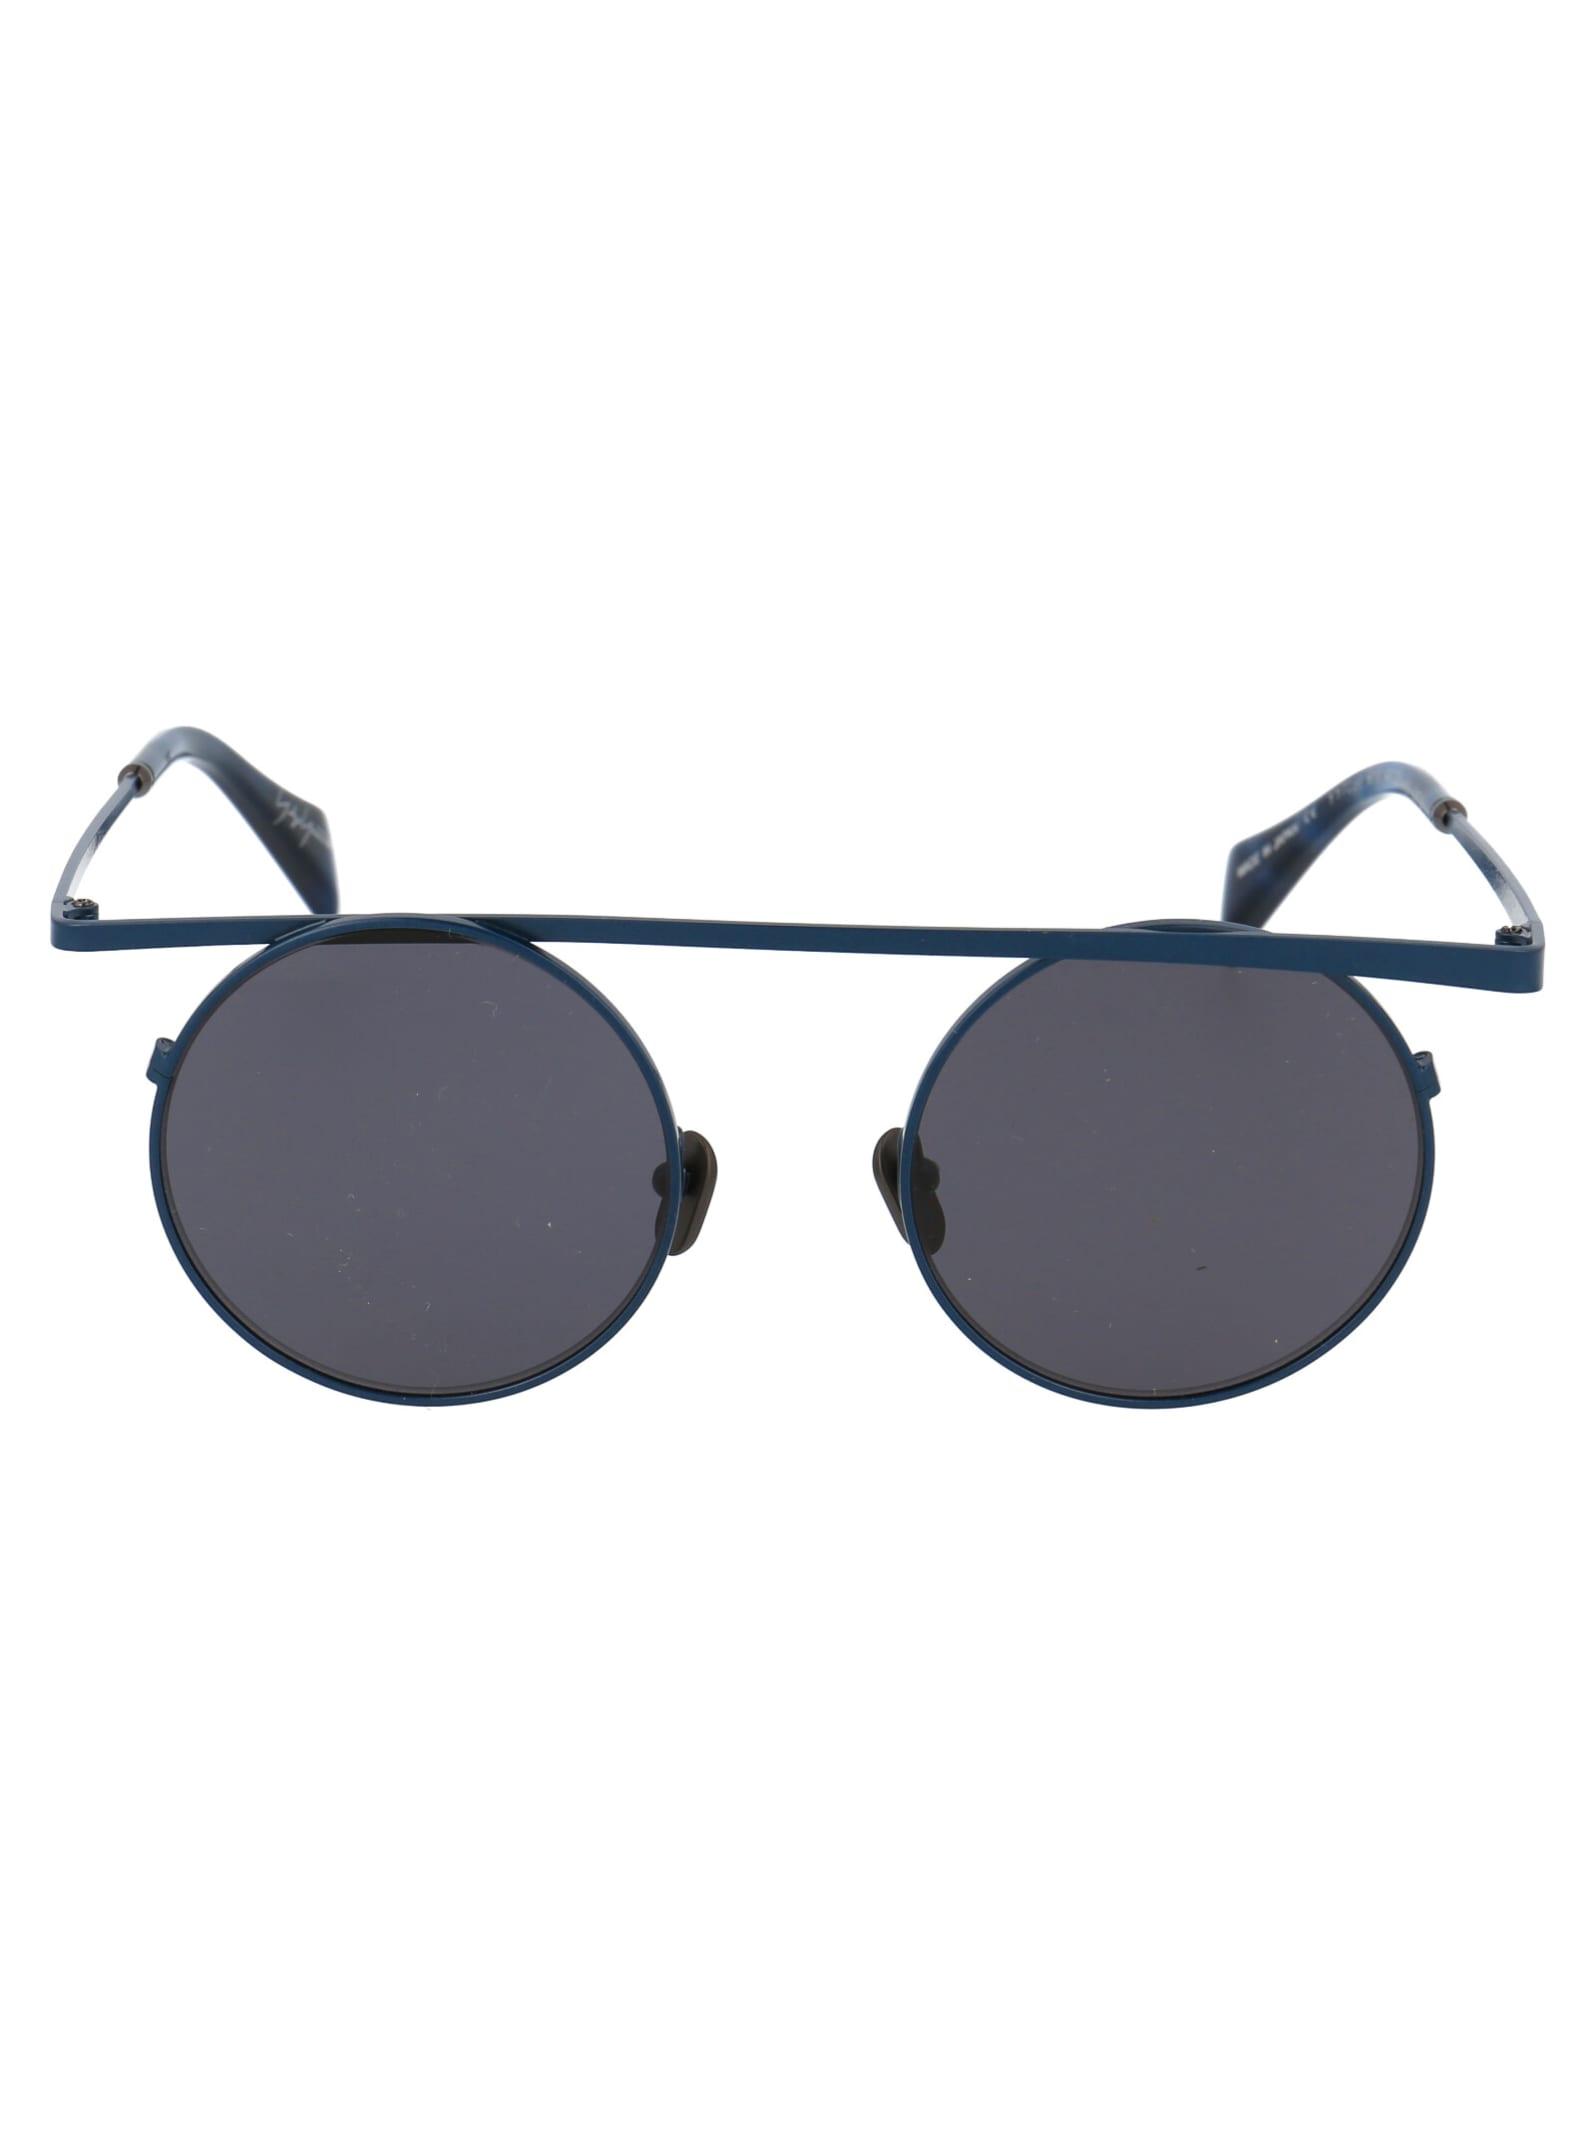 Yohji Yamamoto Yy7038 Sunglasses